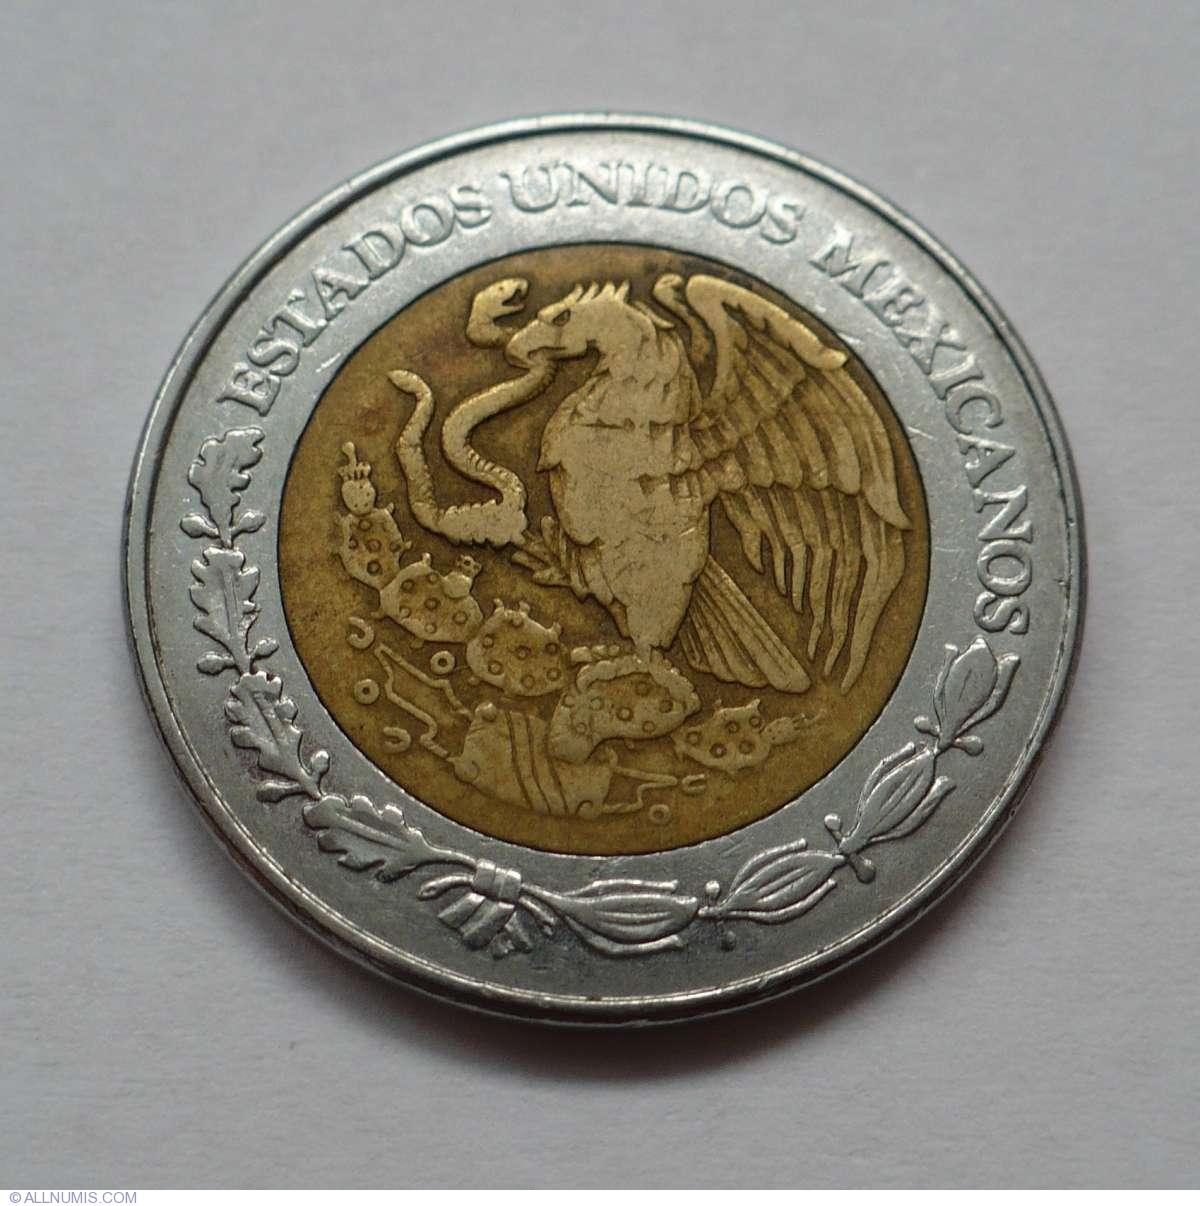 1 Oz Mexican Silver Libertad Coin 2017 1 Oz Mexican Silver